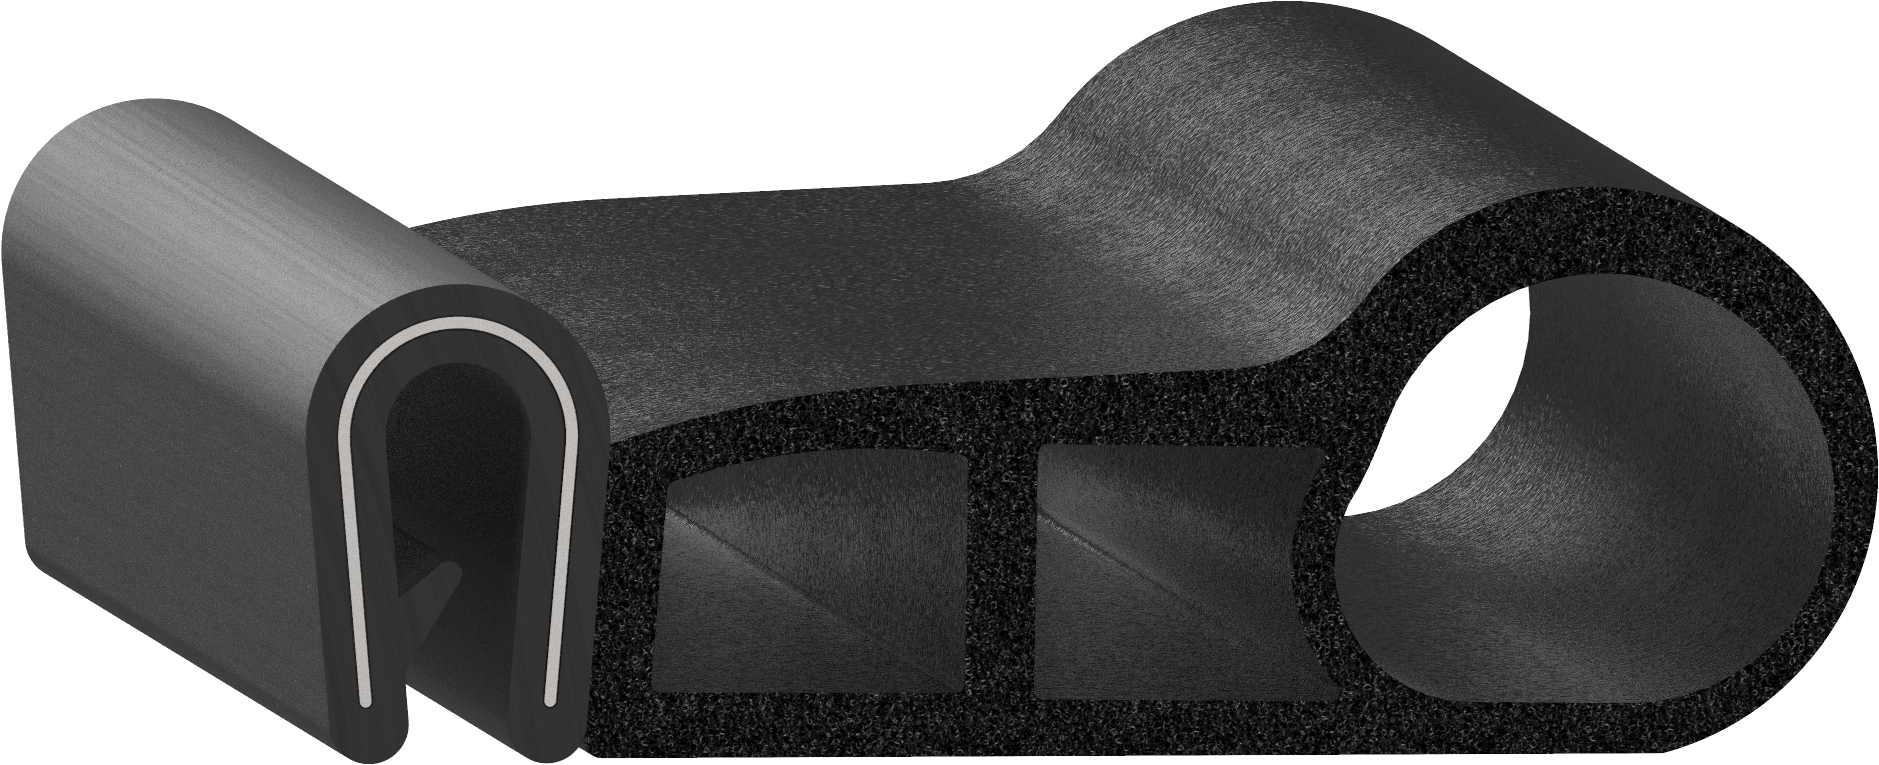 Uni-Grip part: PTL-125